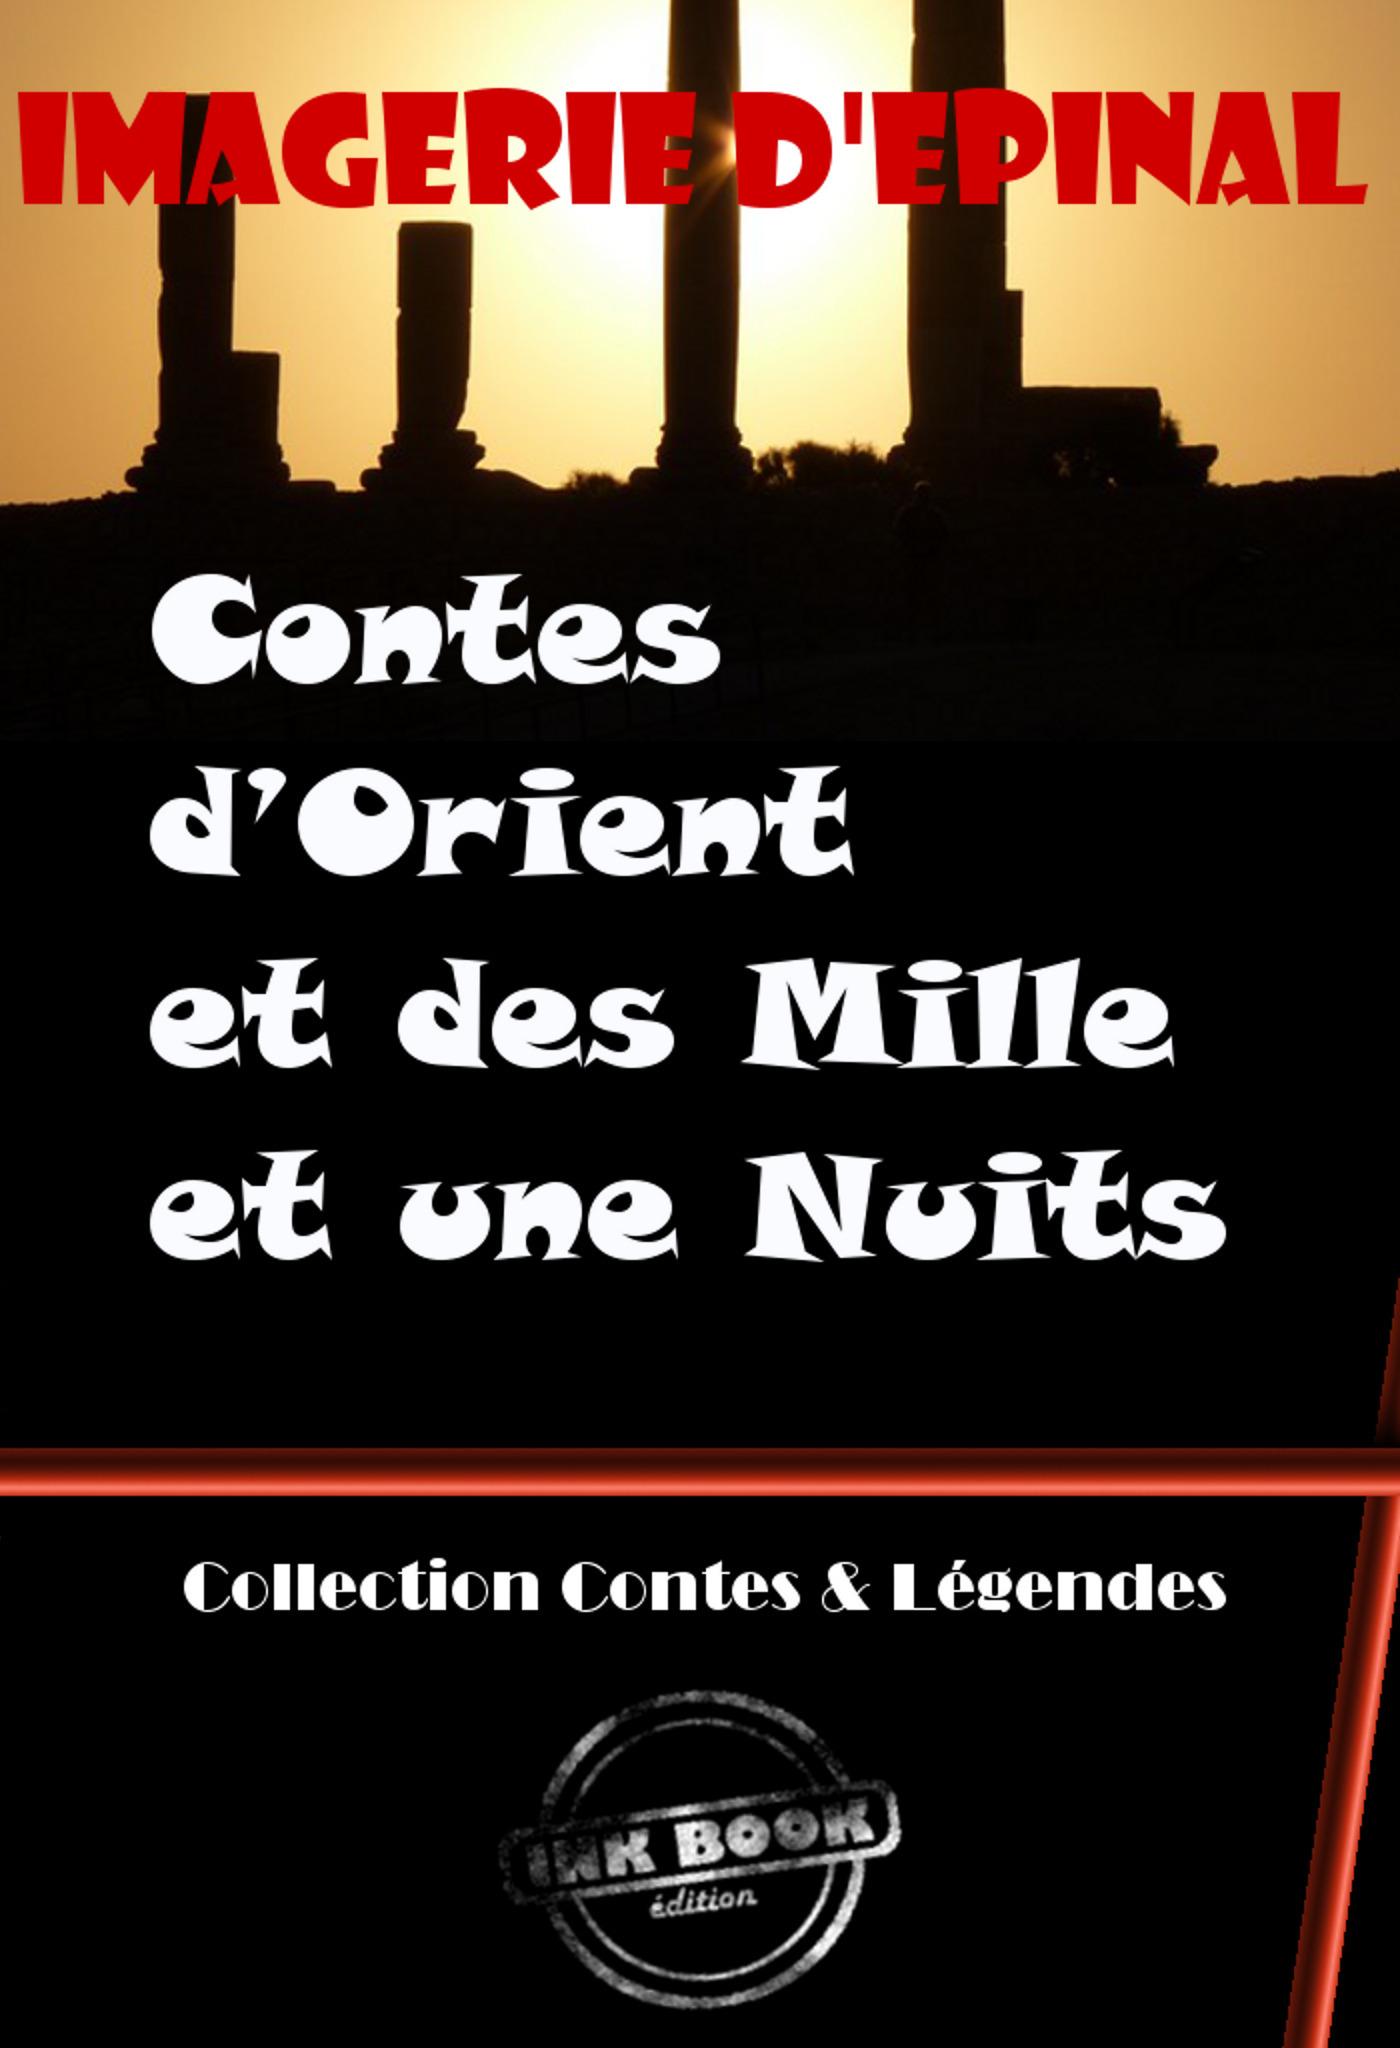 Contes d´Orient et des Mille et une Nuits (Images d'Epinal)